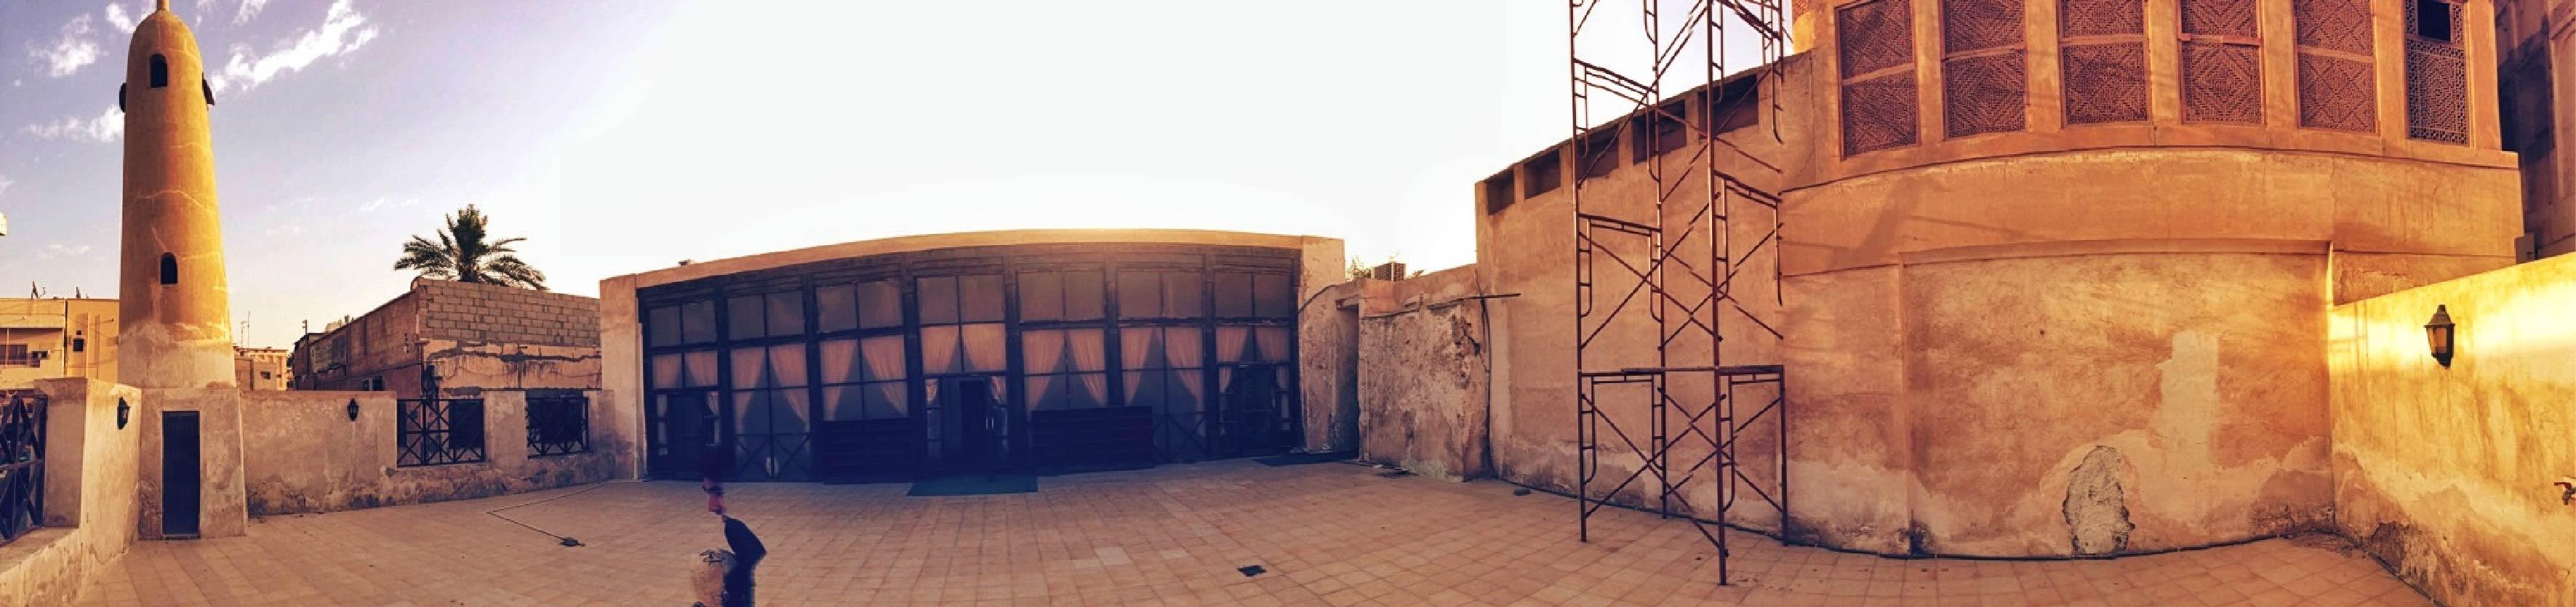 مساجد البحرين: روعة التصميم والزخارف الإسلامية